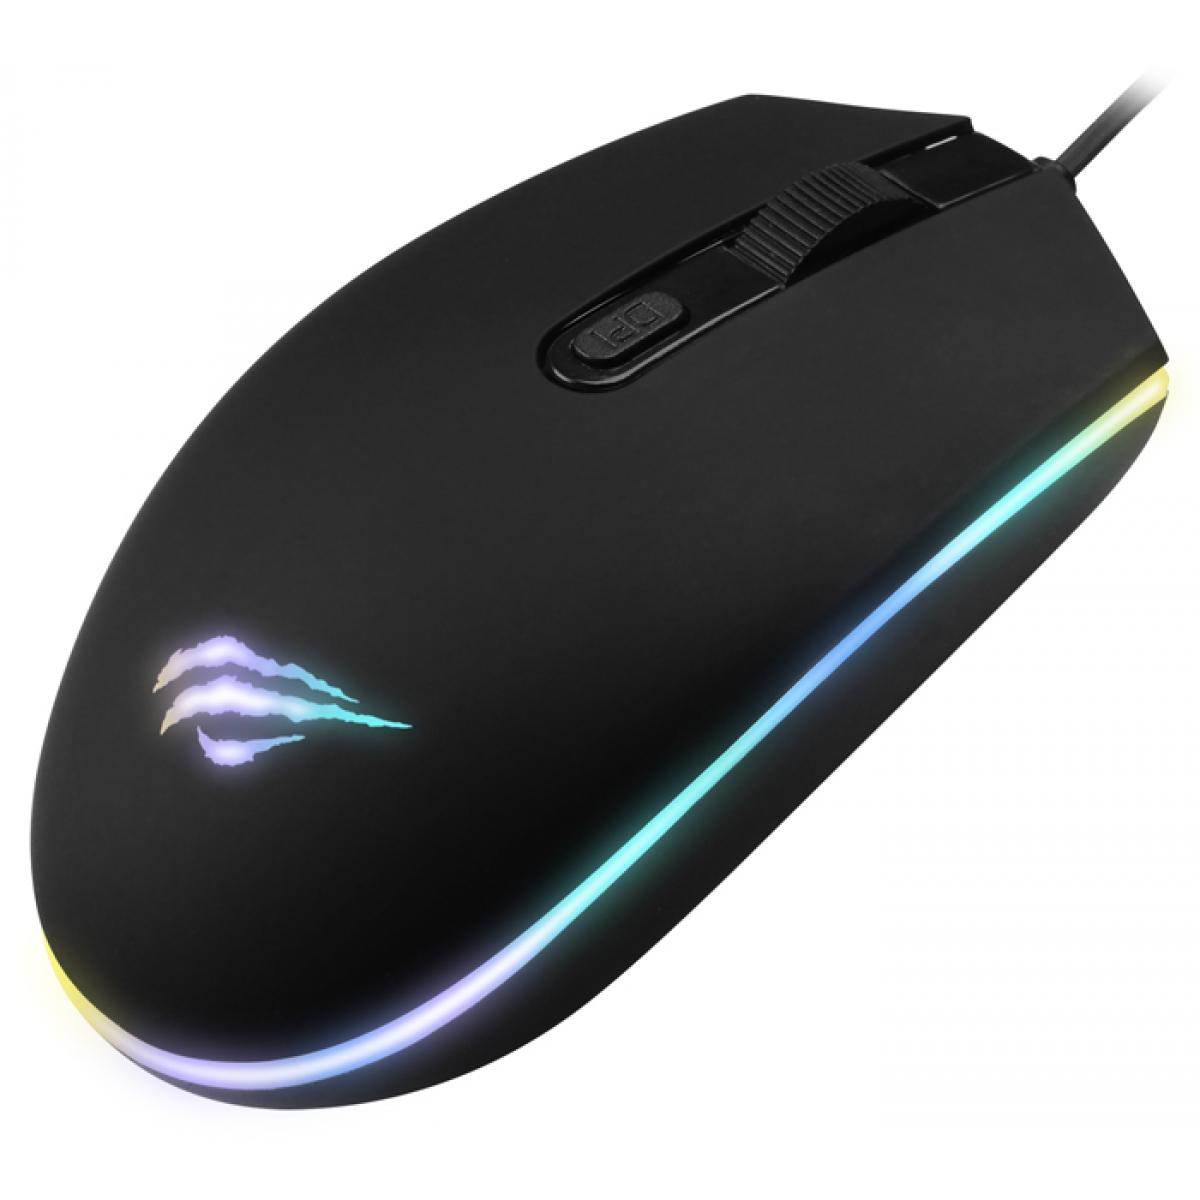 Mouse Gamer Havit MS1003 RGB 4 Botões 1200 DPI Black